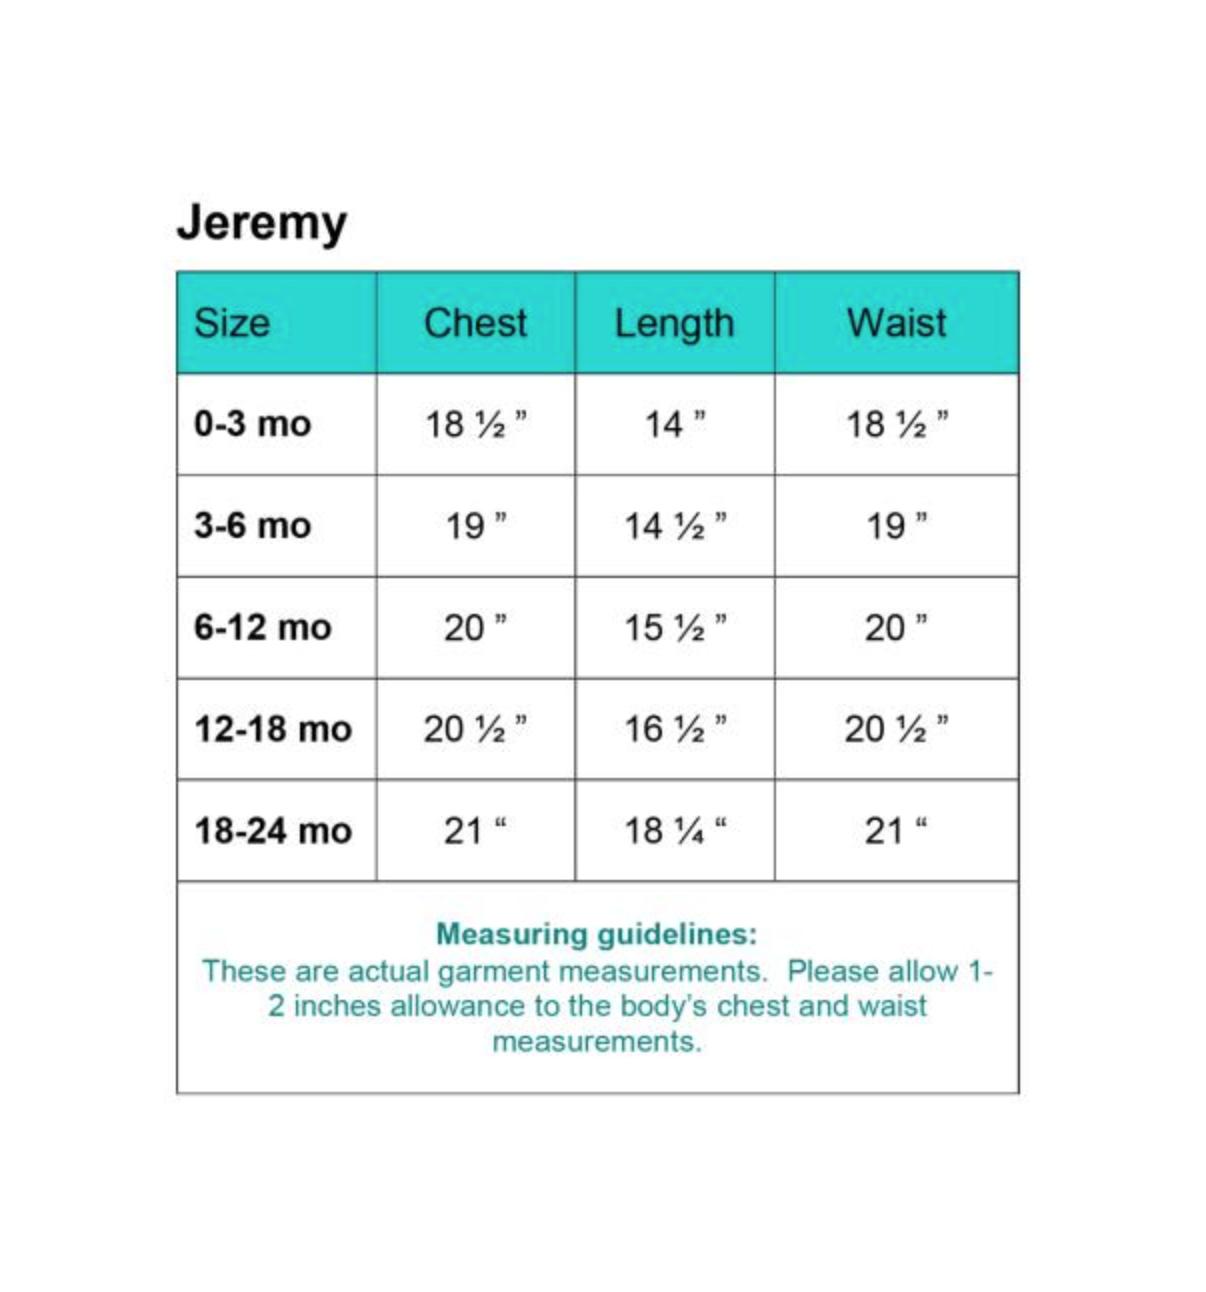 sizing-chart-jermy.png